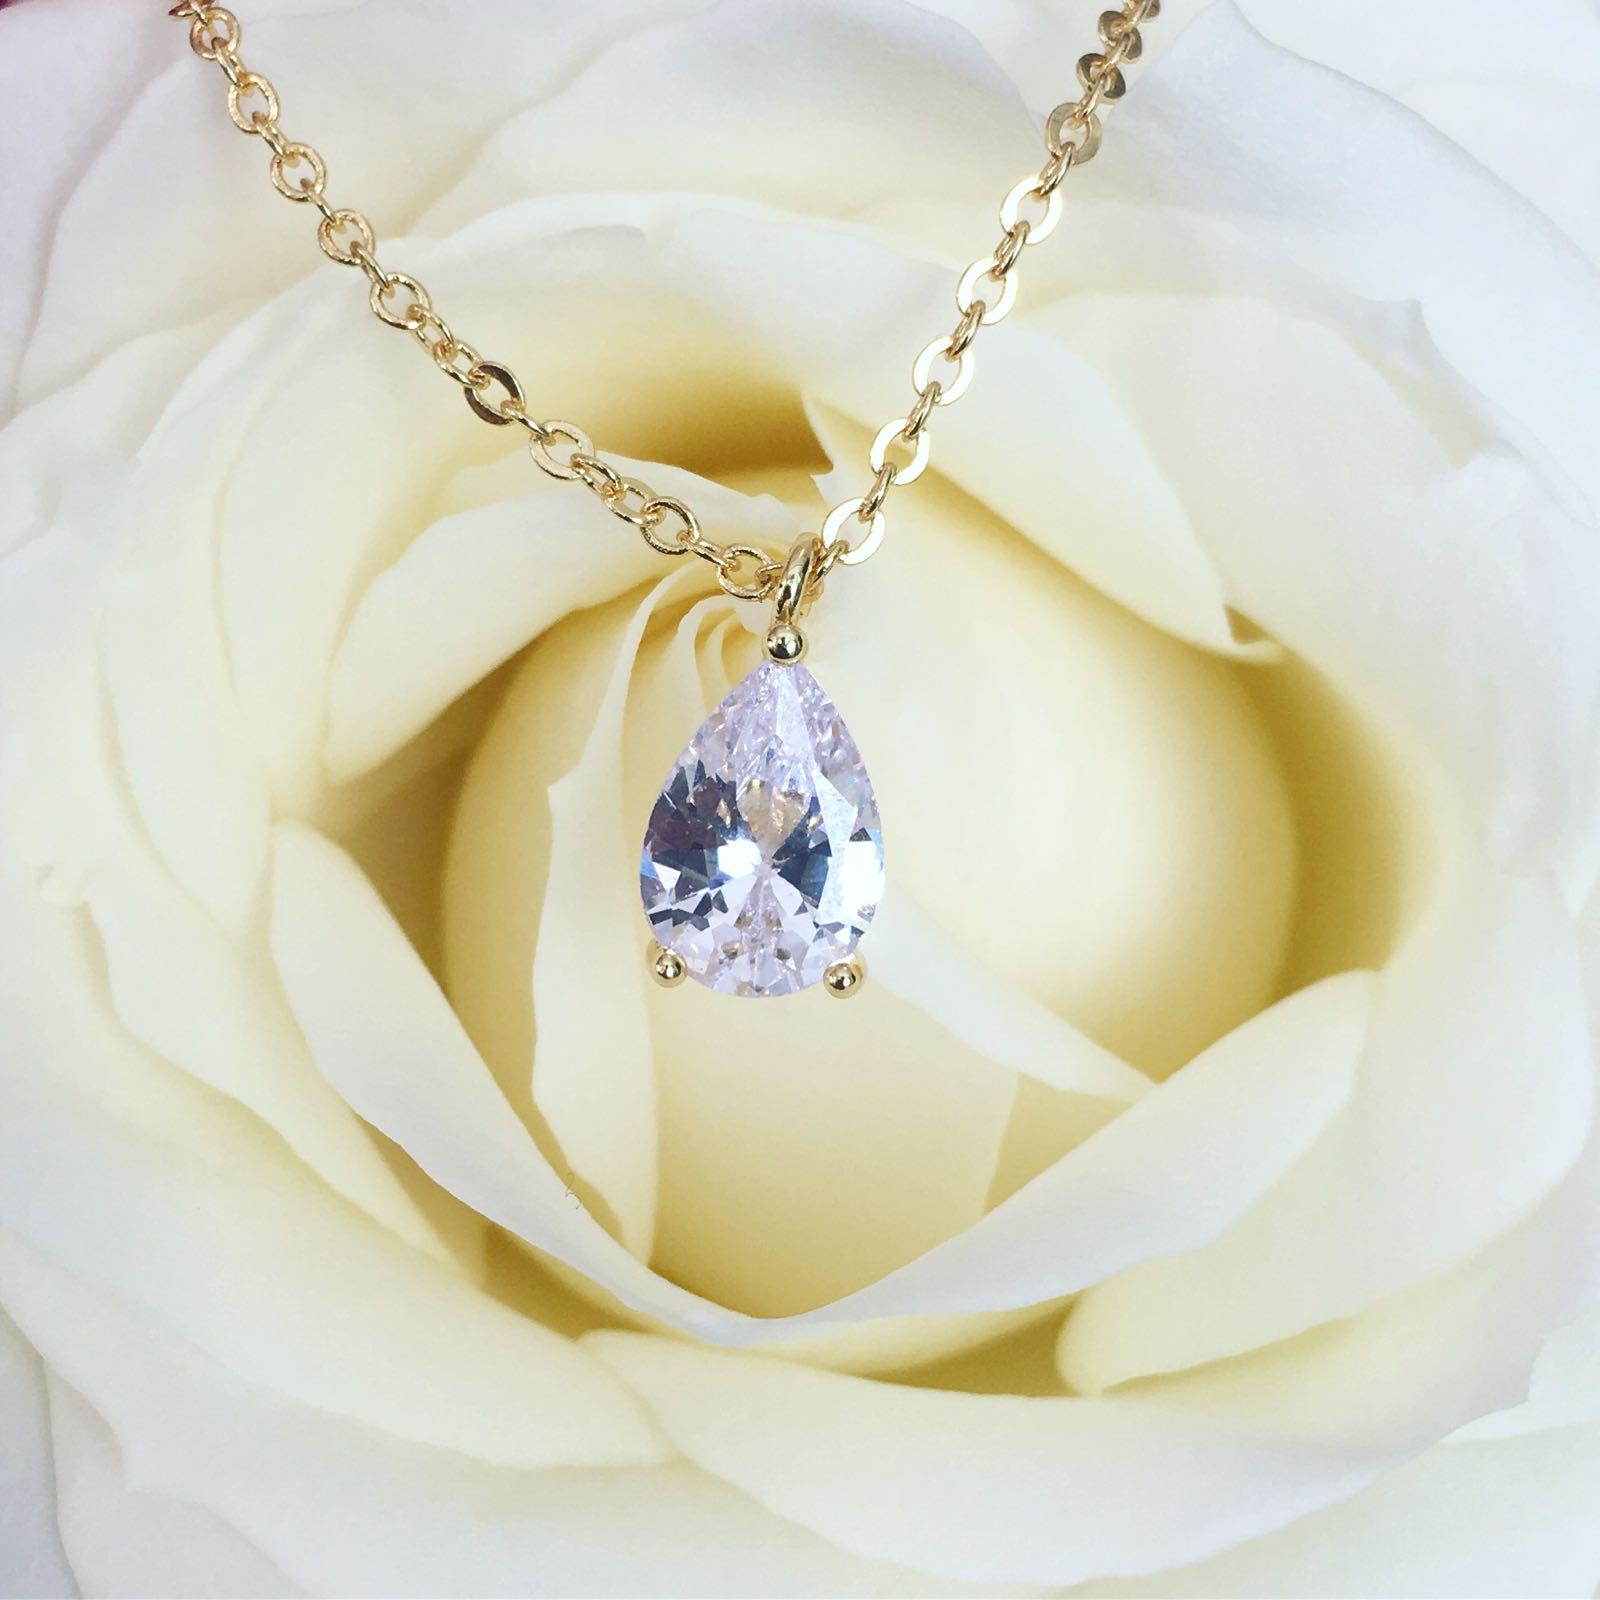 gouden ketting met steen samen met mooie rozen